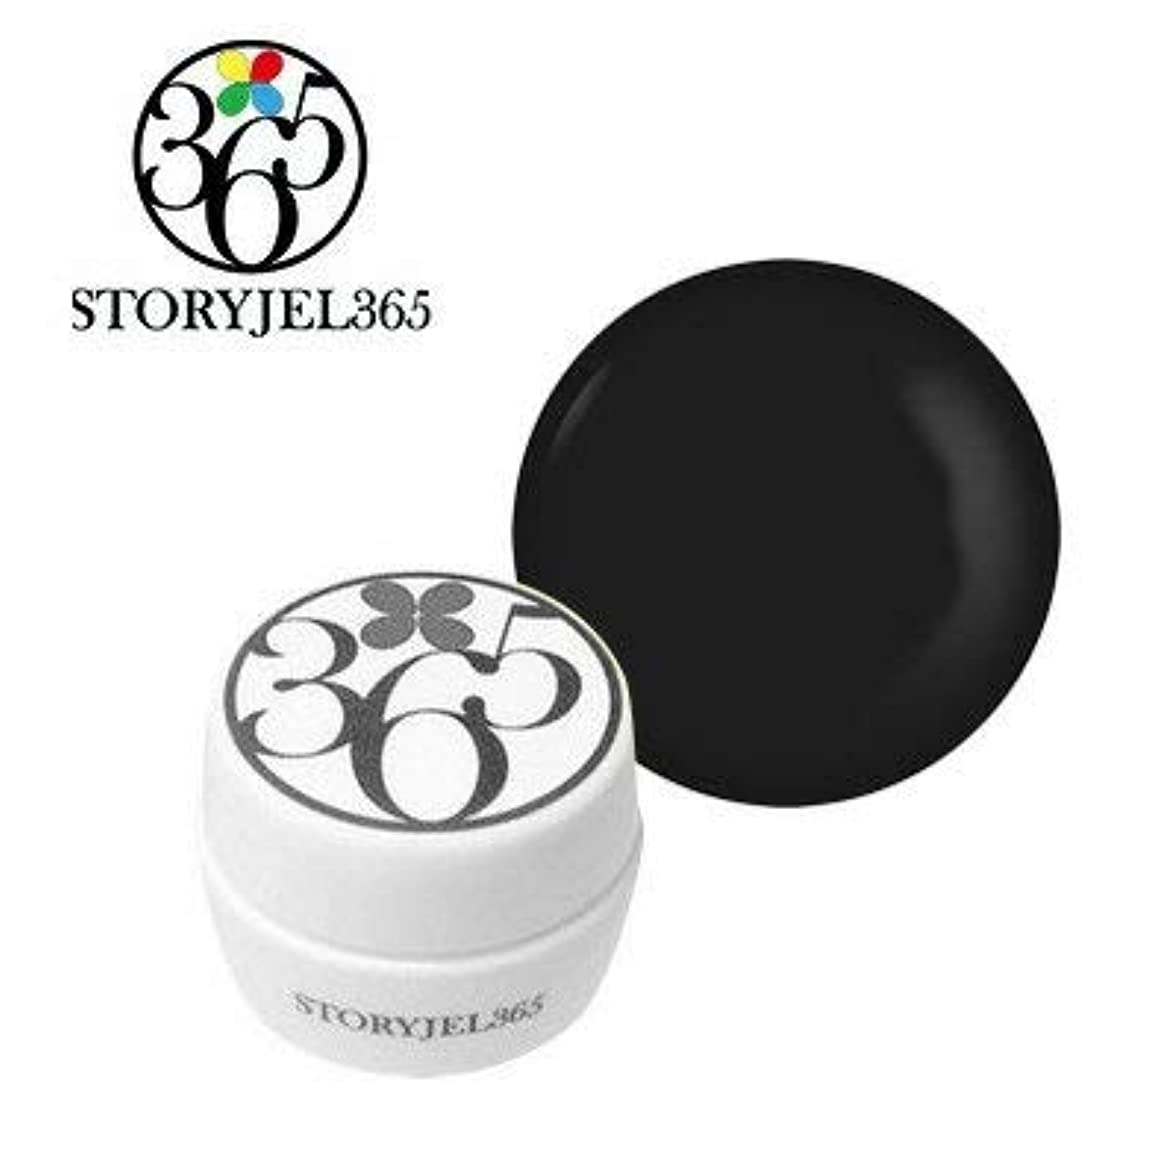 赤悪性のかすれたSTORYJEL365 カラージェル 5g (ストーリージェル) SJS-301M-D 聖なる石